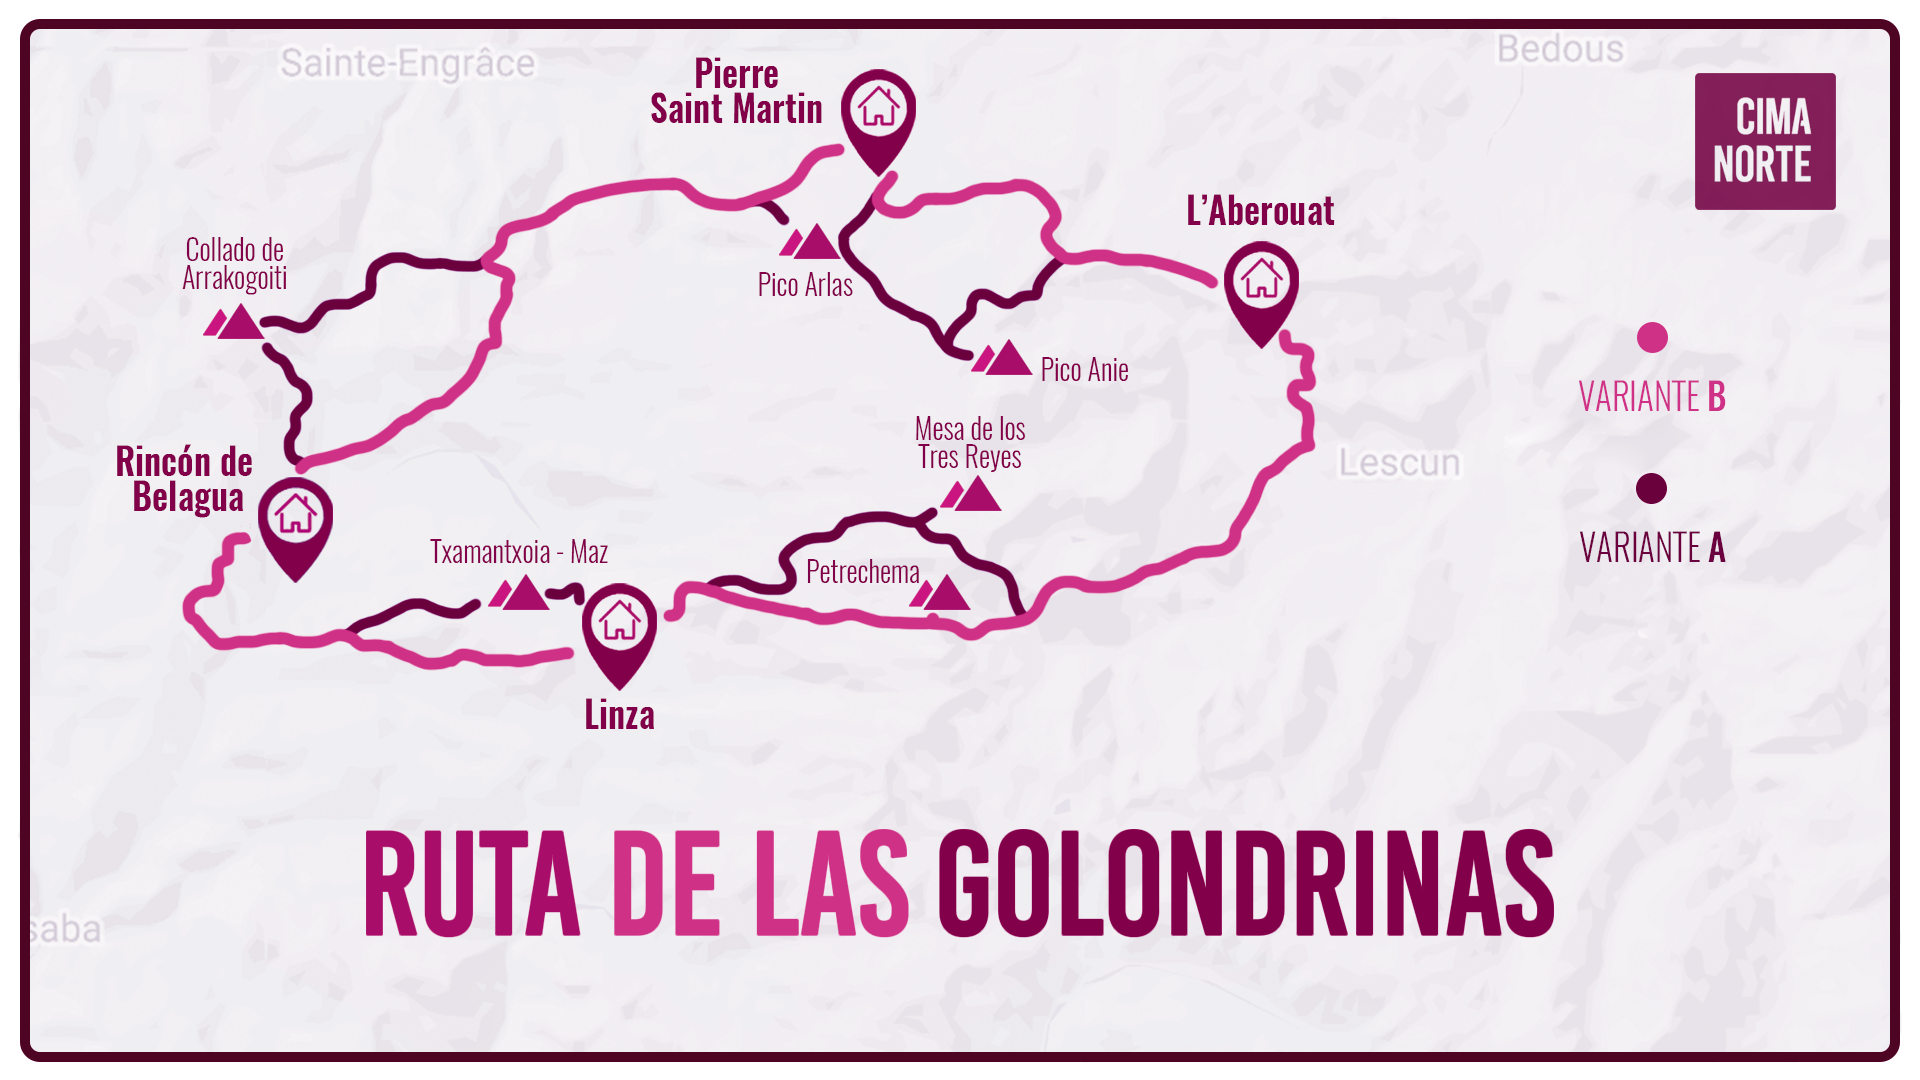 RUTA DE LAS GOLONDRINAS MAPA mapa travesia etapas